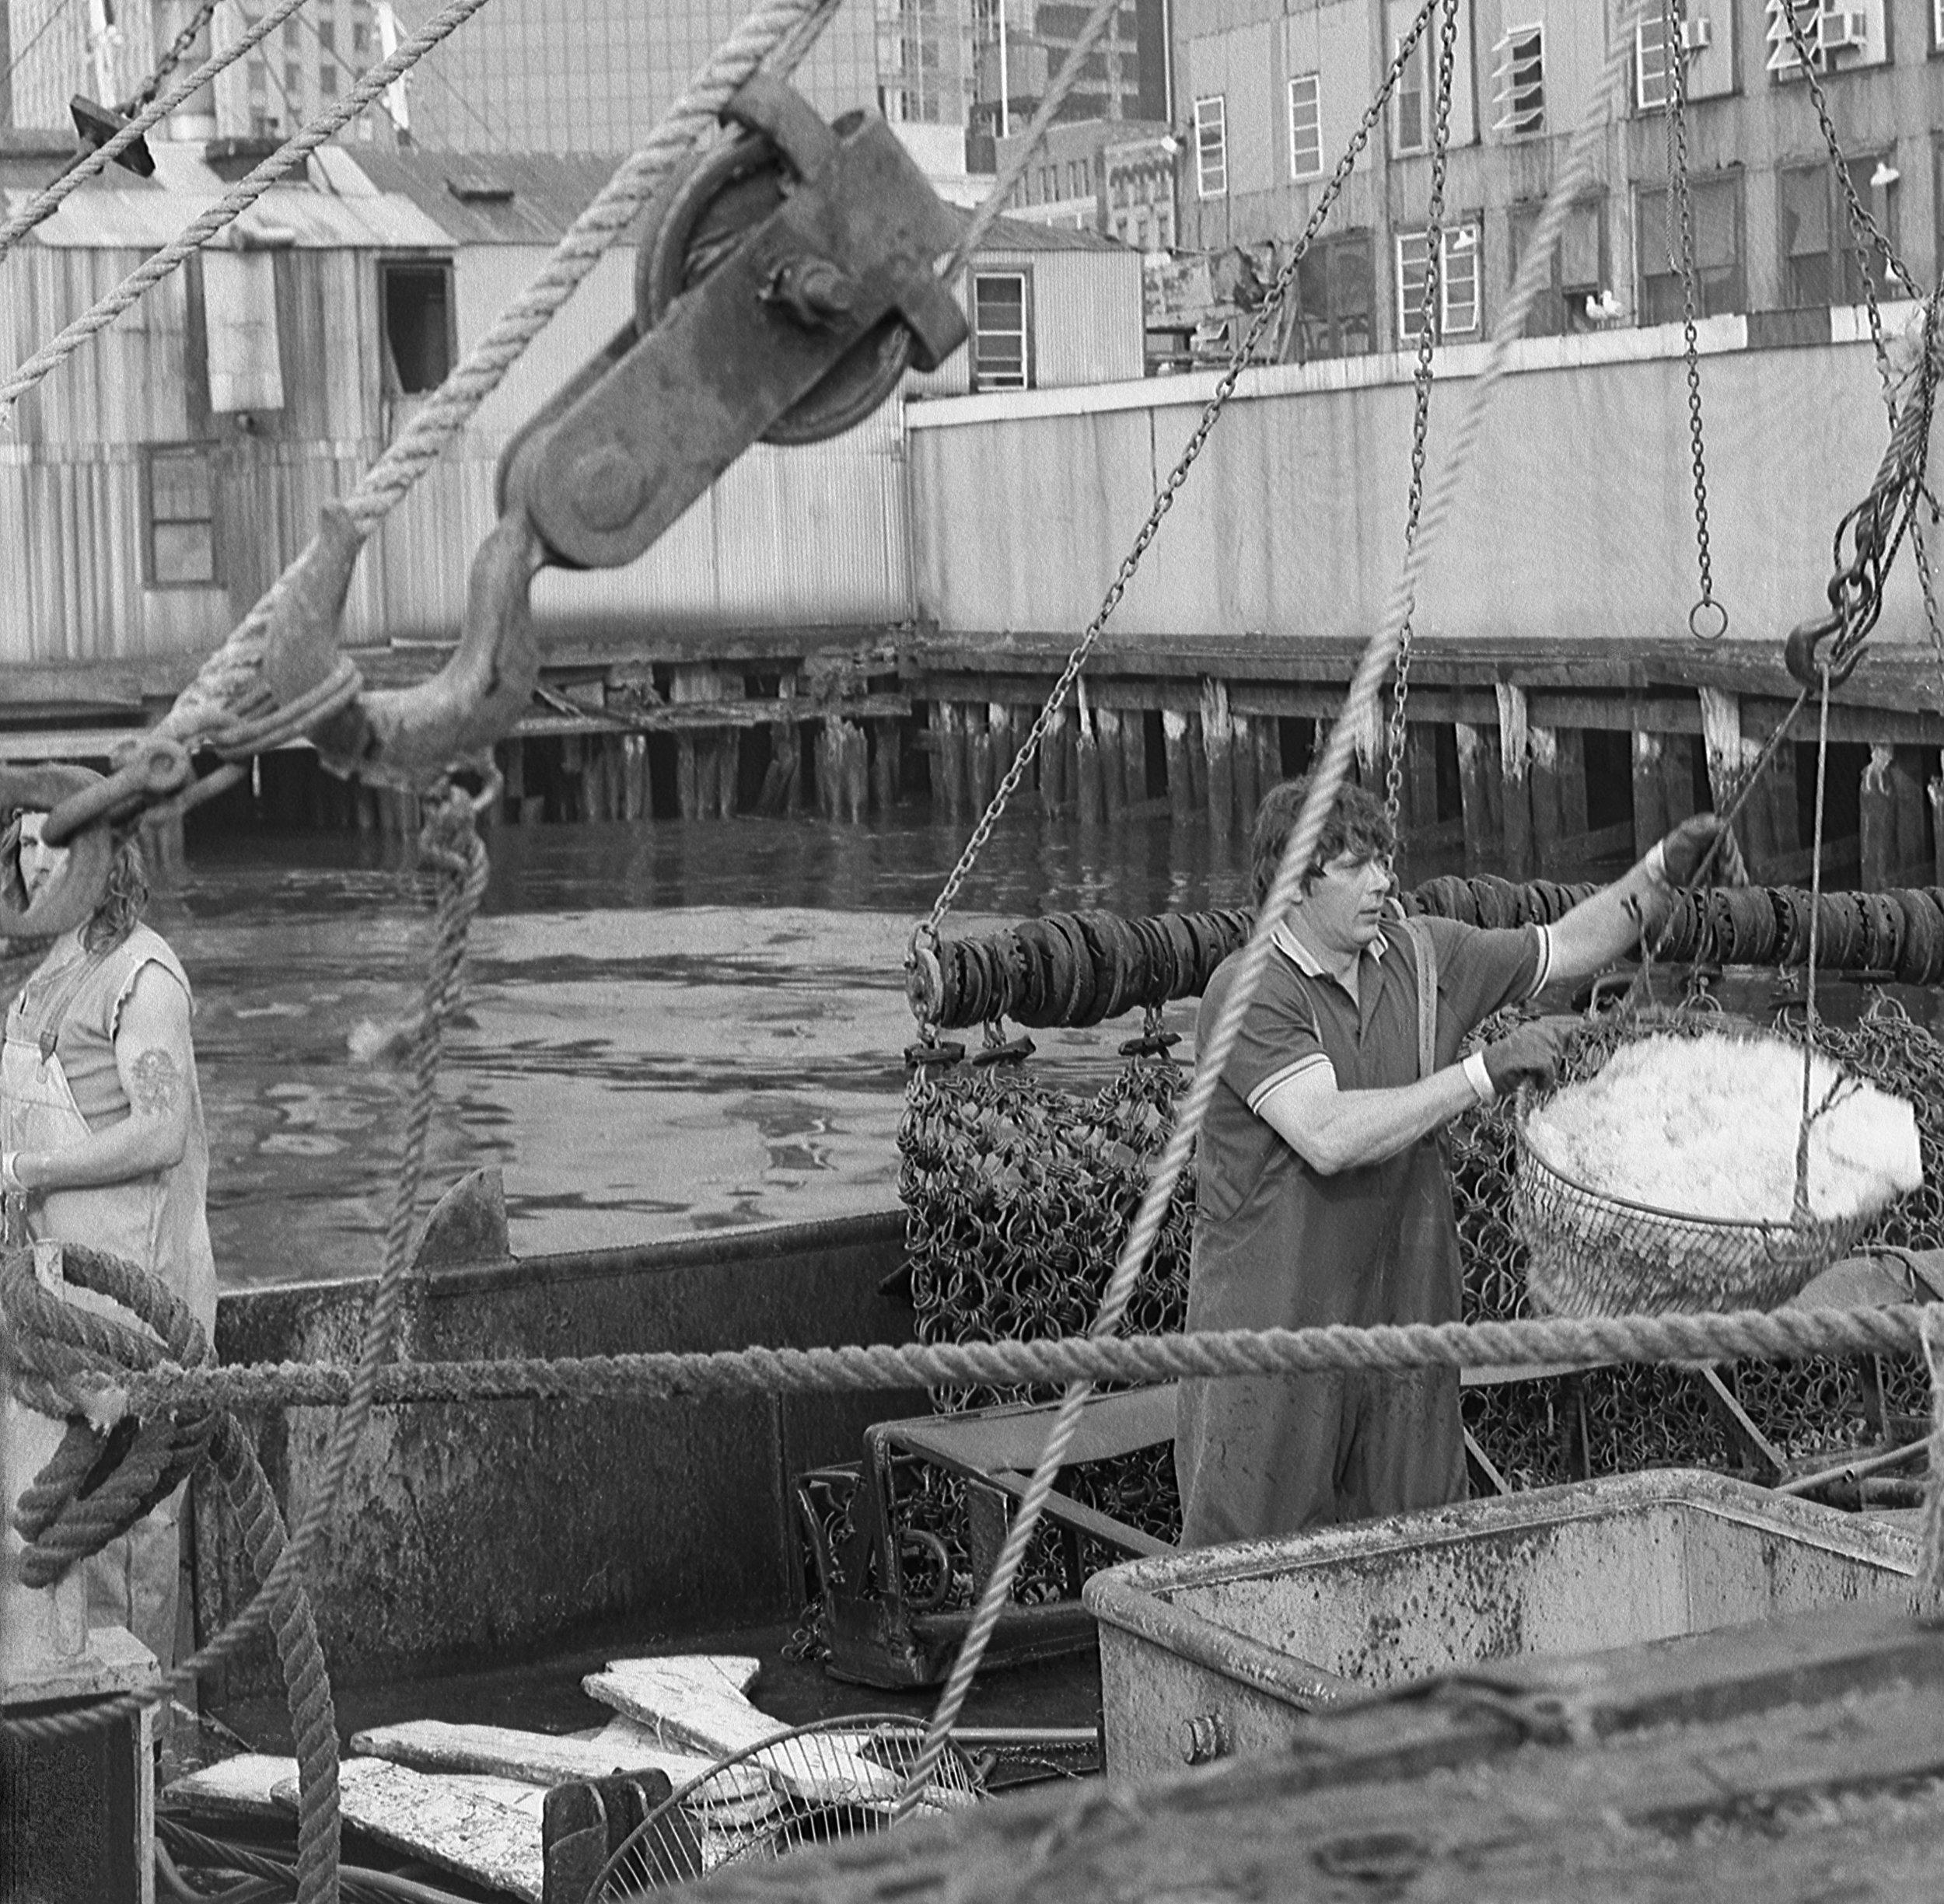 Last fishing boat #2